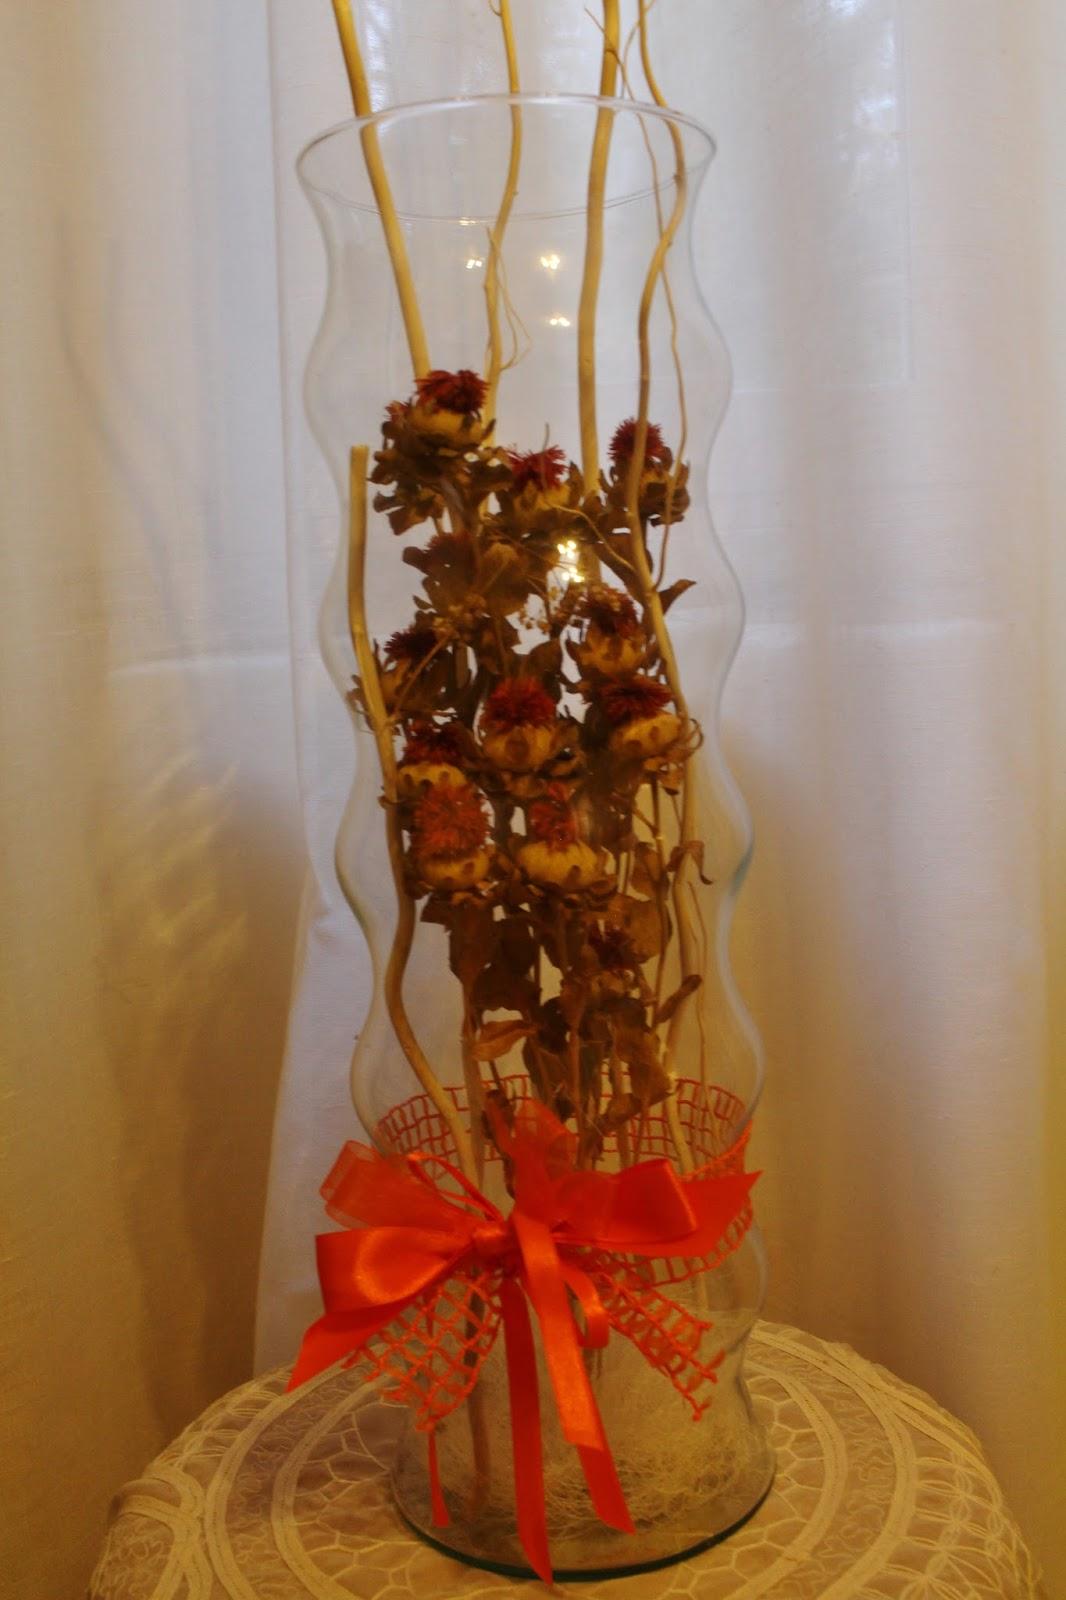 La granja di adriana fiori secchi in vasi di vetro for Composizioni natalizie in vasi di vetro